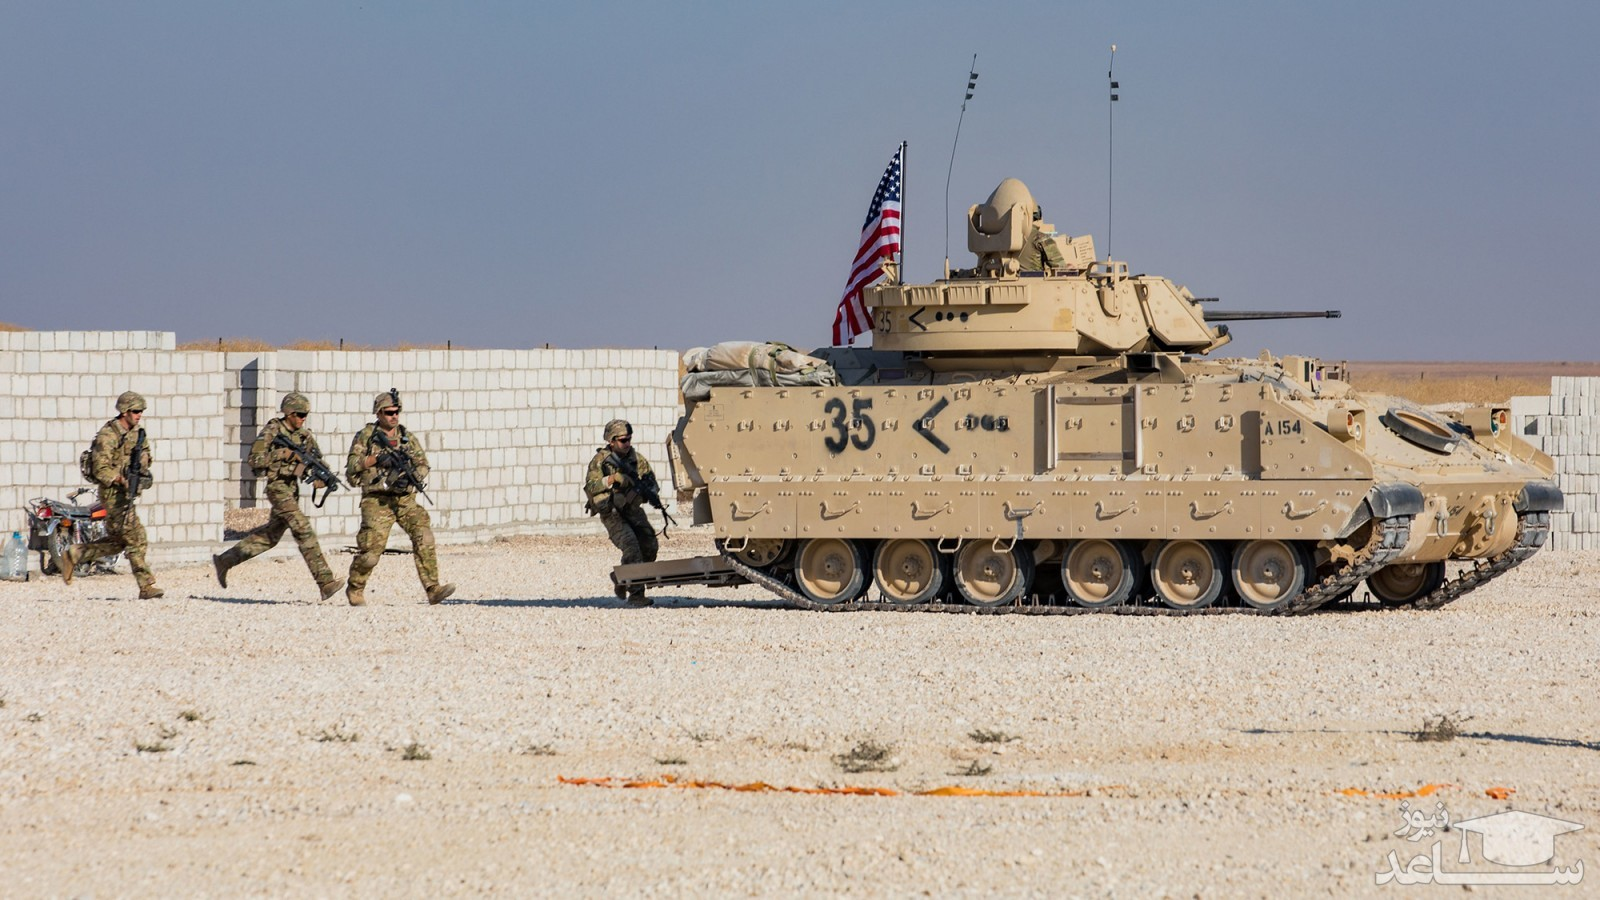 حمله به آمریکایی ها در سوریه